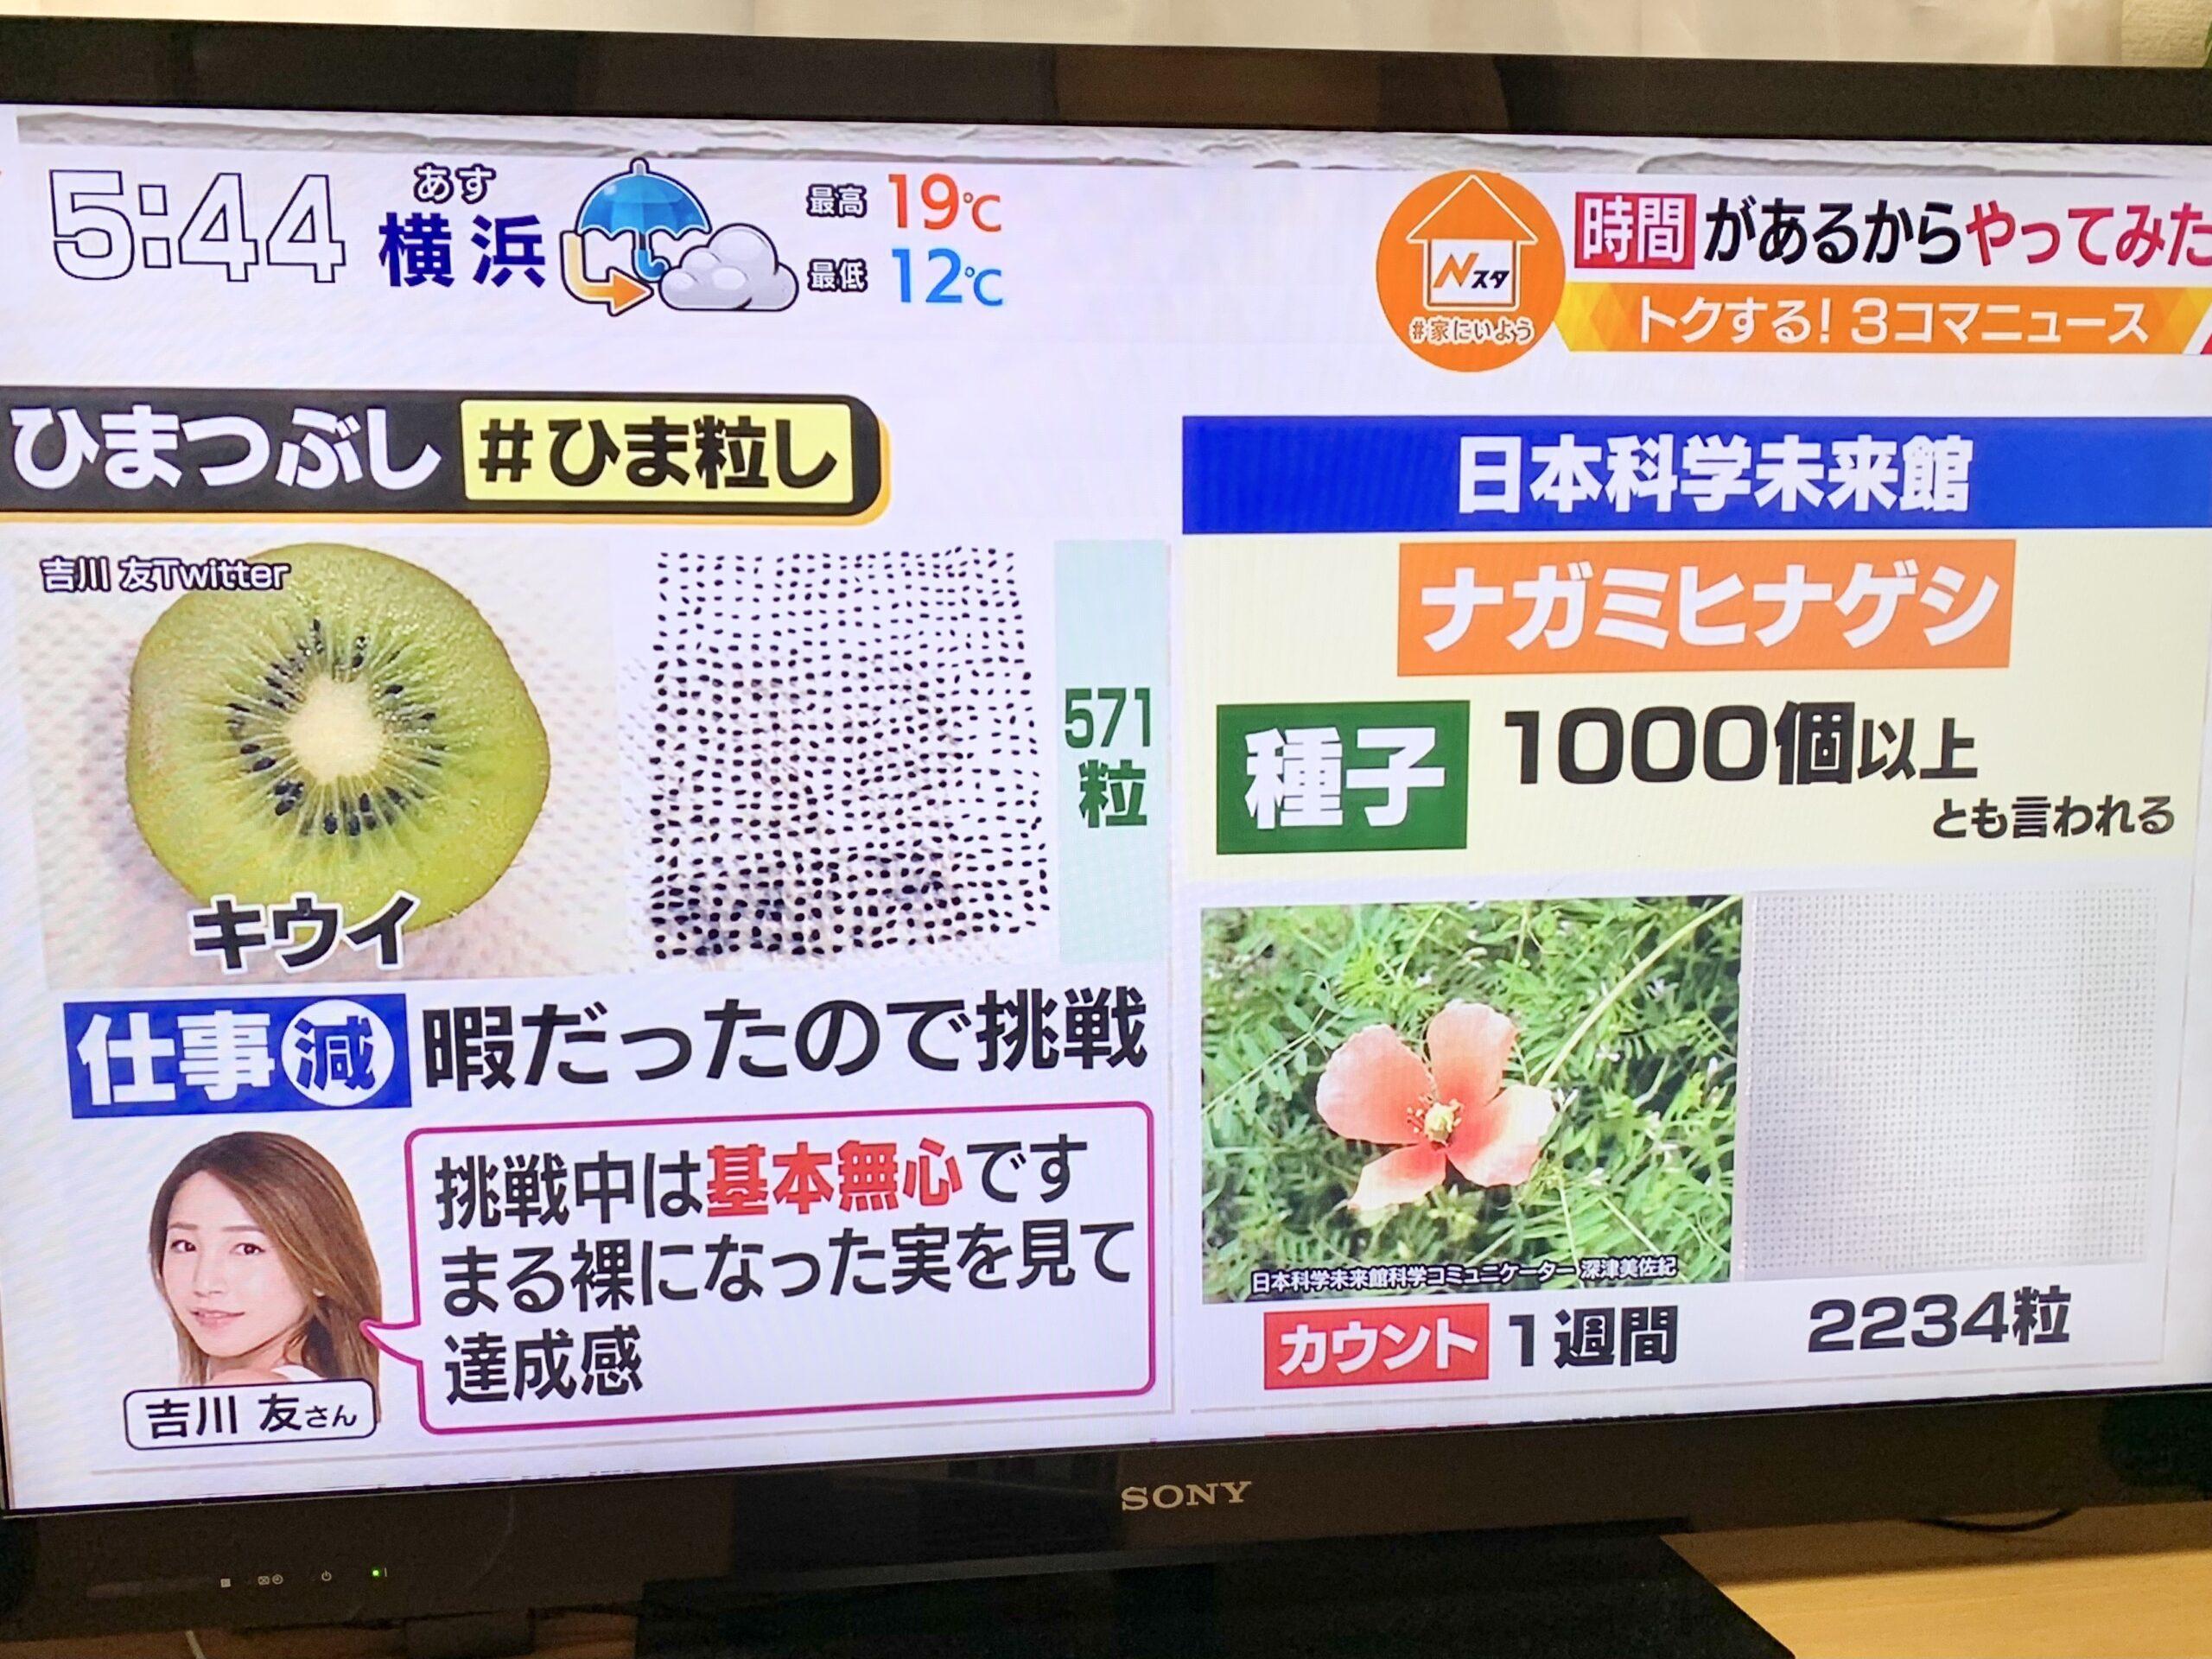 SNSで紹介したナガミヒナゲシの種子がTBSテレビ「Nスタ」で紹介されました